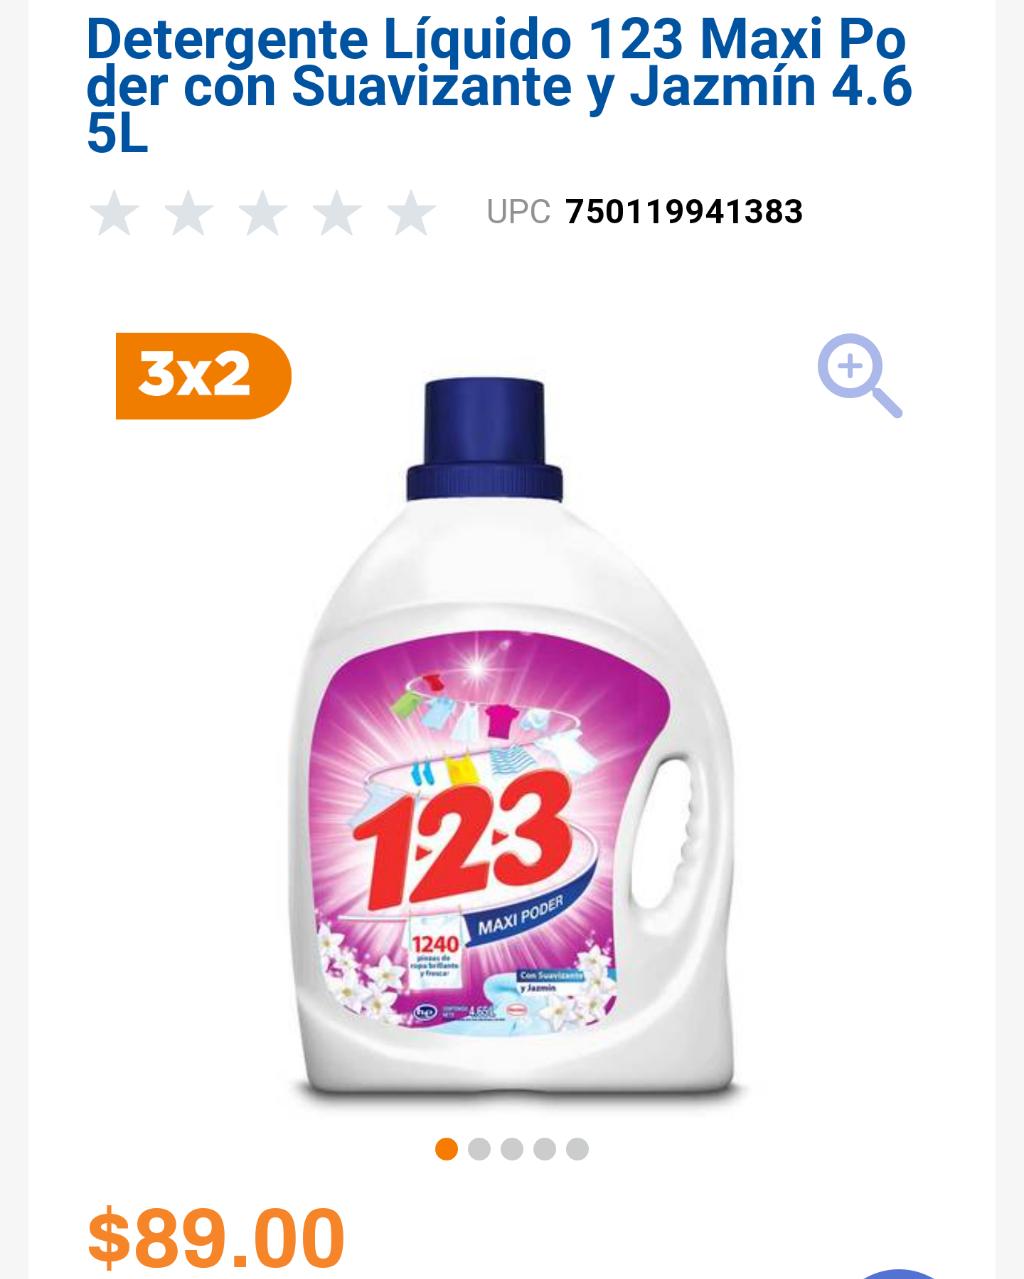 Chedraui: Detergente Líquido 123 Maxi Poder con Suavizante y Jazmín 4.65L